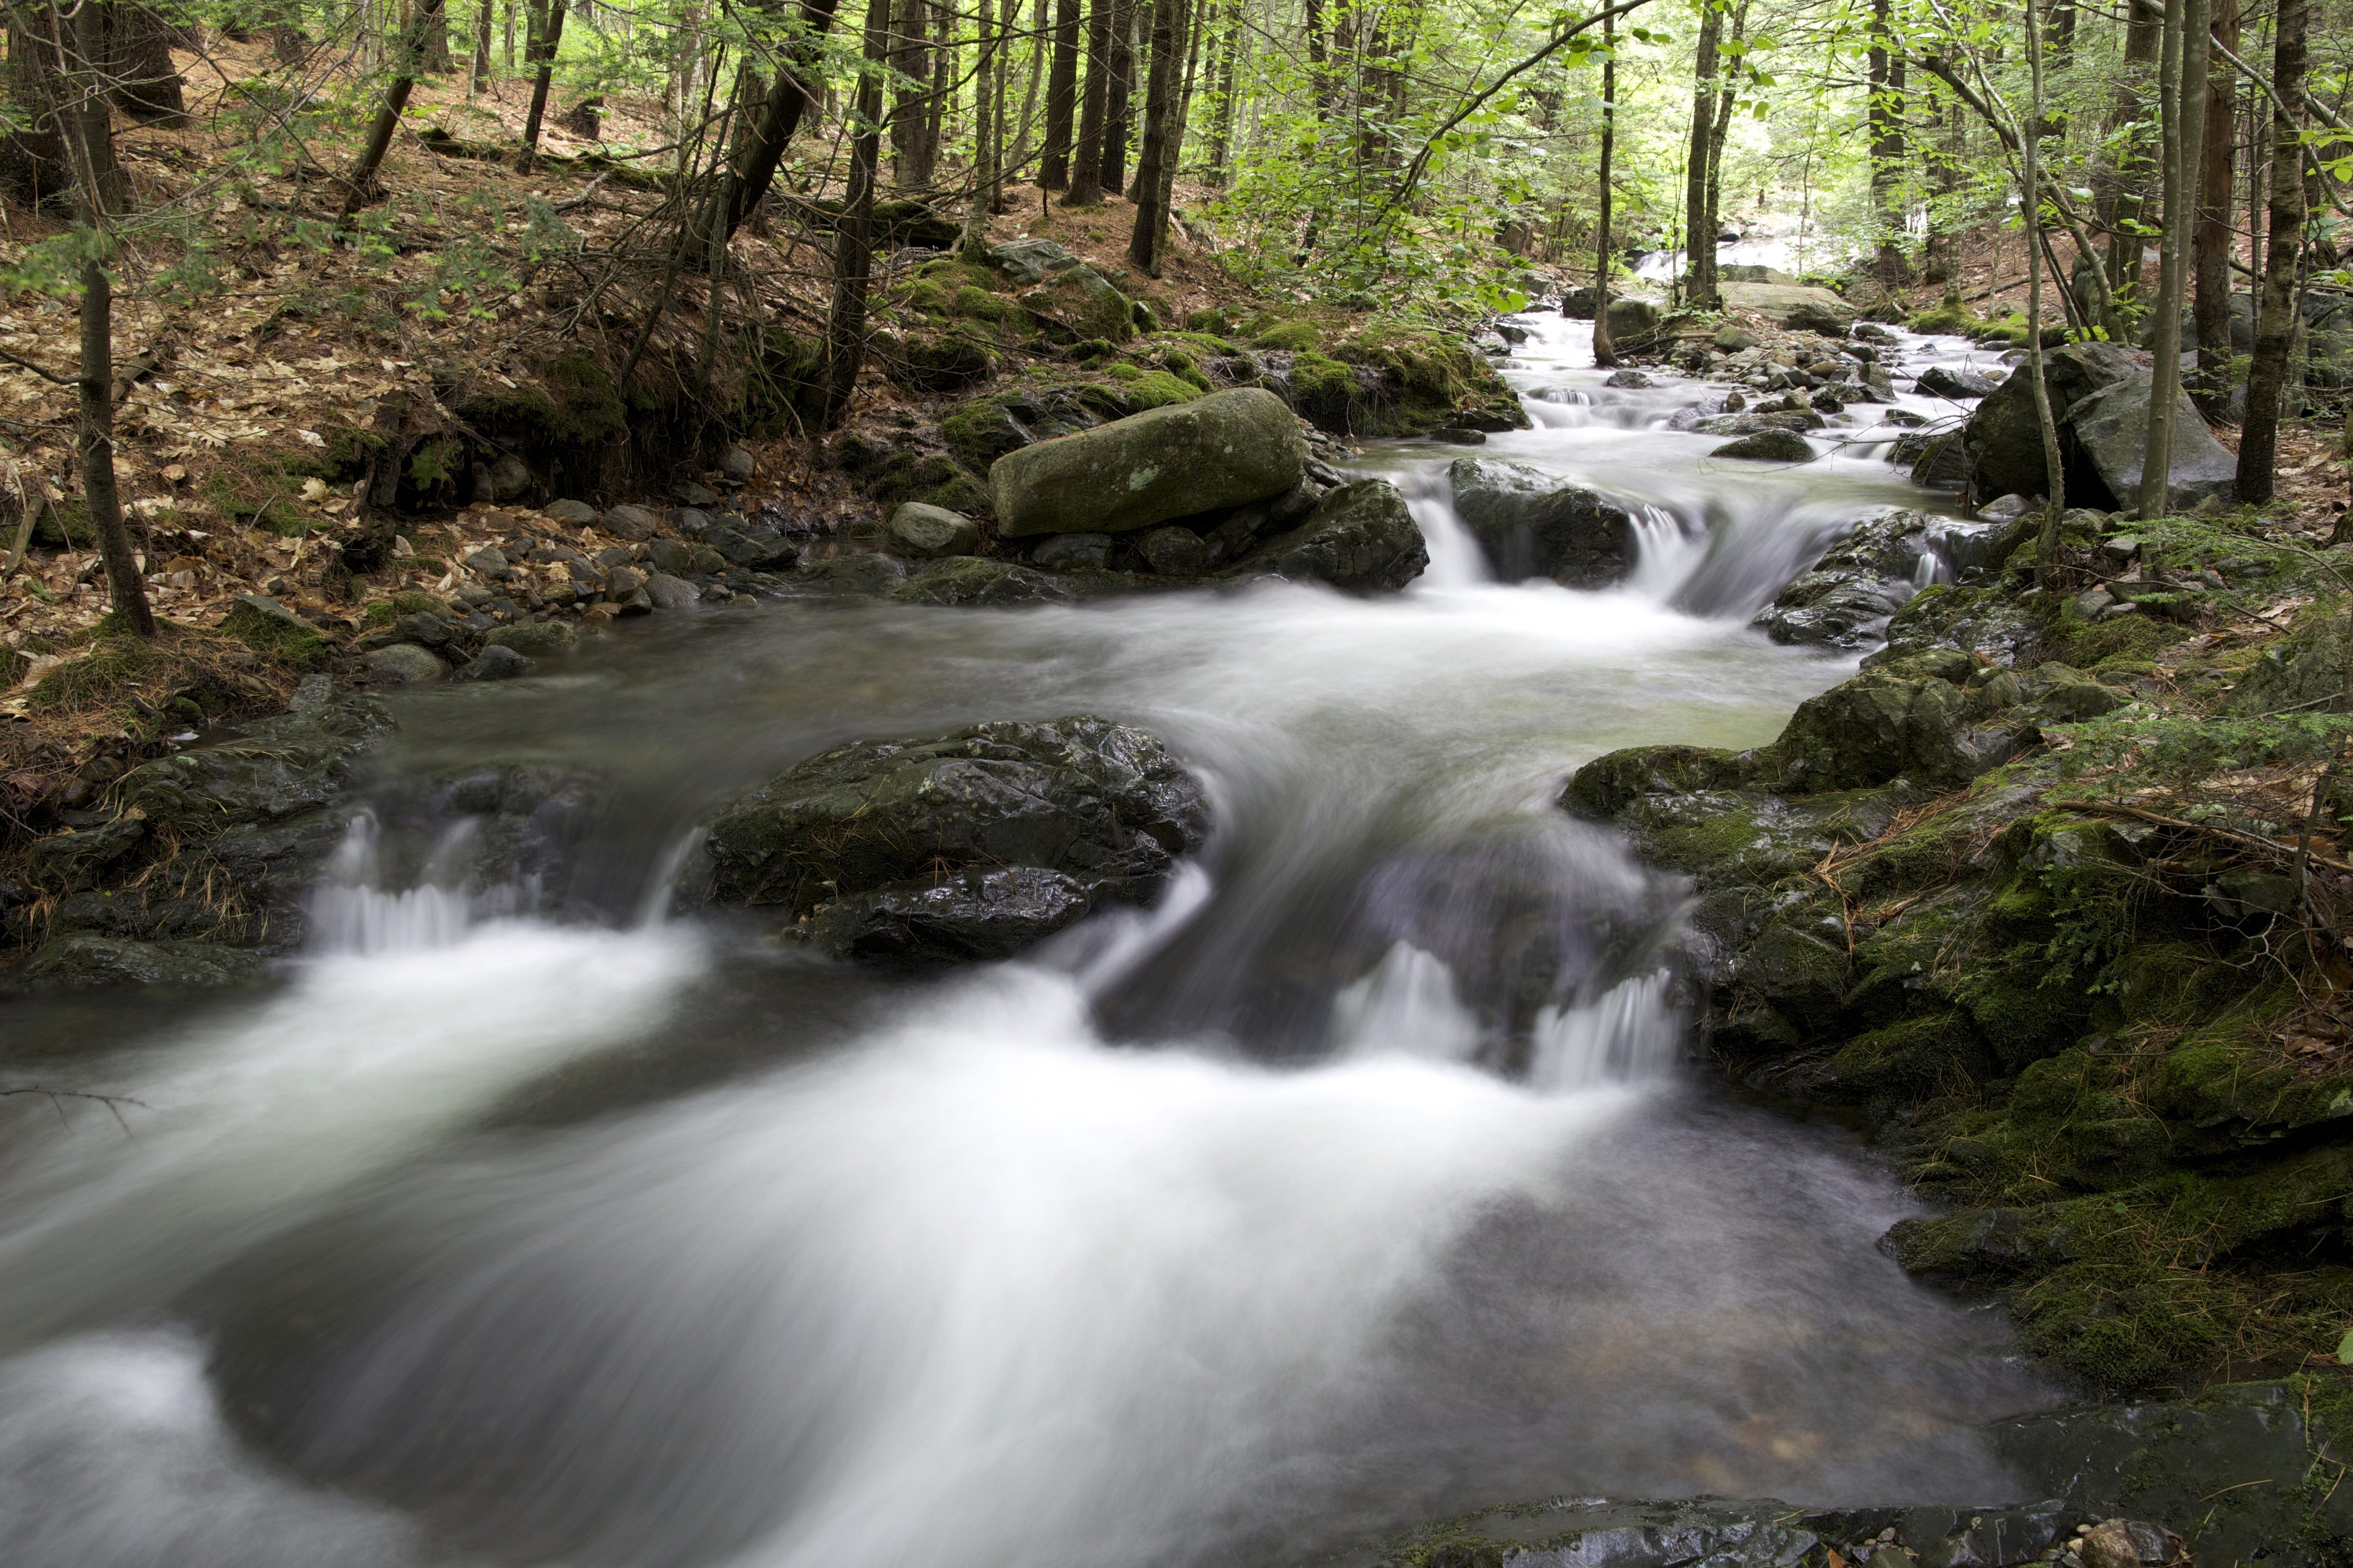 Kostenlose Bild: Bach, Bach, Fluss, Wald, Wasser, Bäume